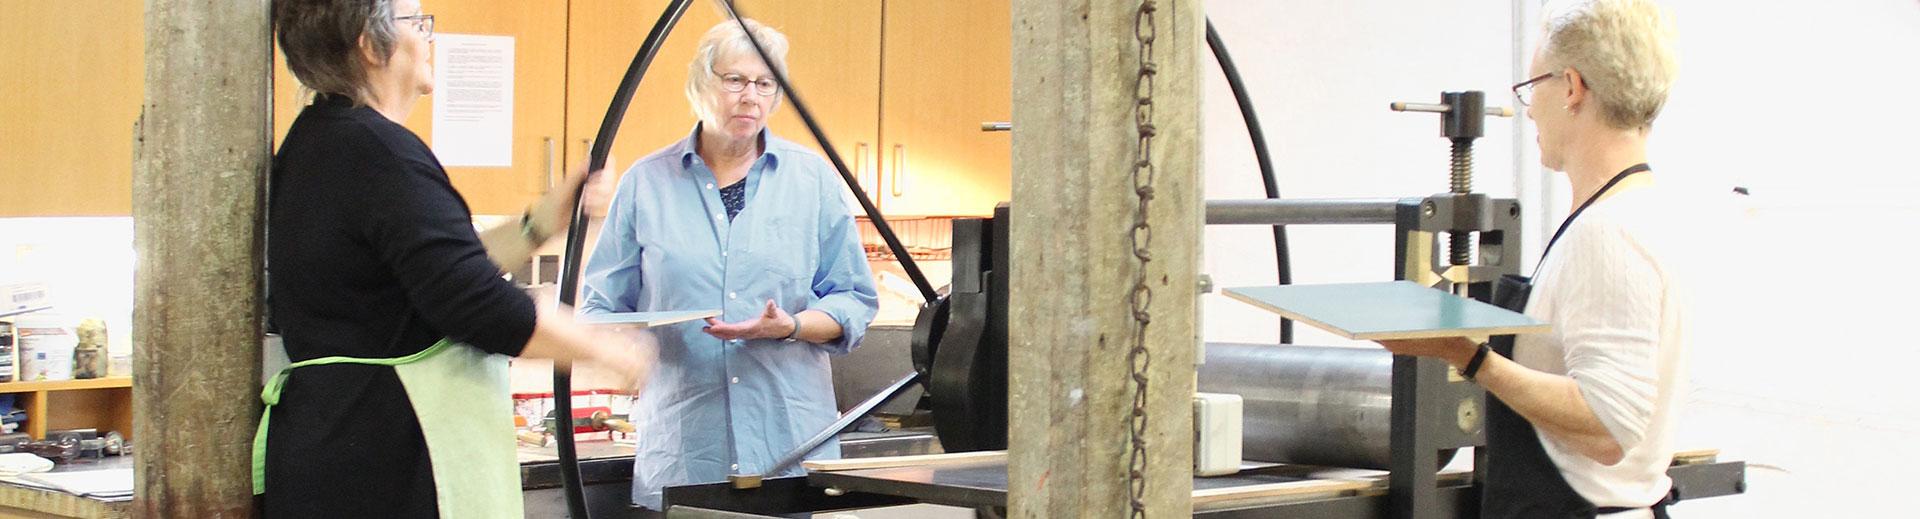 Workshop – Kloster Bentlage | Rheine: Werkstattimpression [Workshopteilnehmer an der Druckpresse]